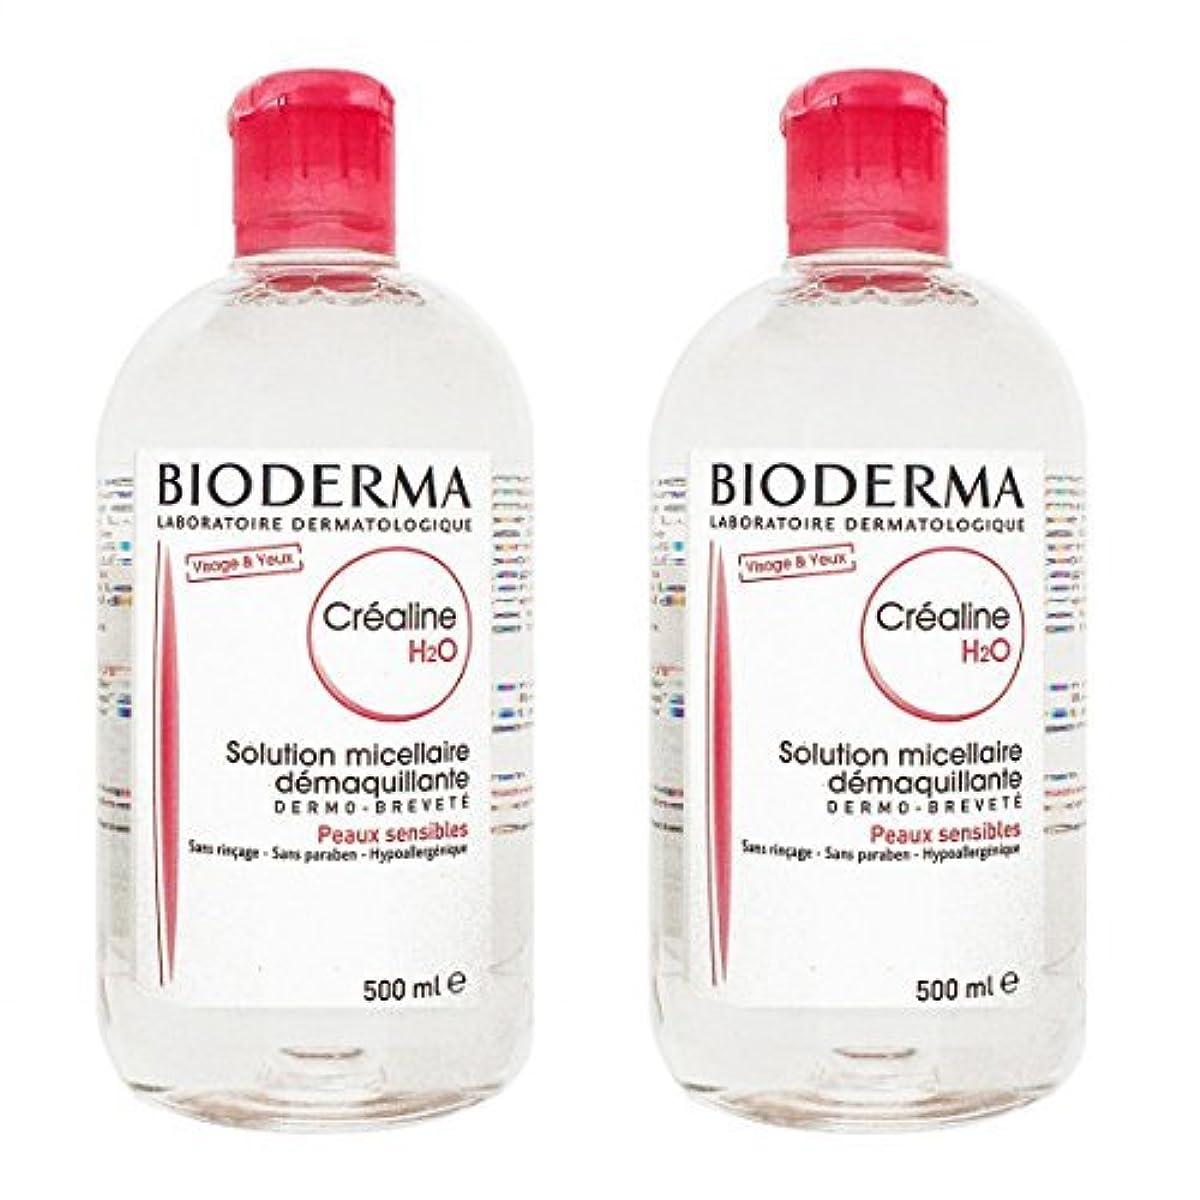 盲信原油シンカンビオデルマ(BIODERMA) サンシビオ H2O (エイチ ツーオー) D 500ml 2本セット[並行輸入品]